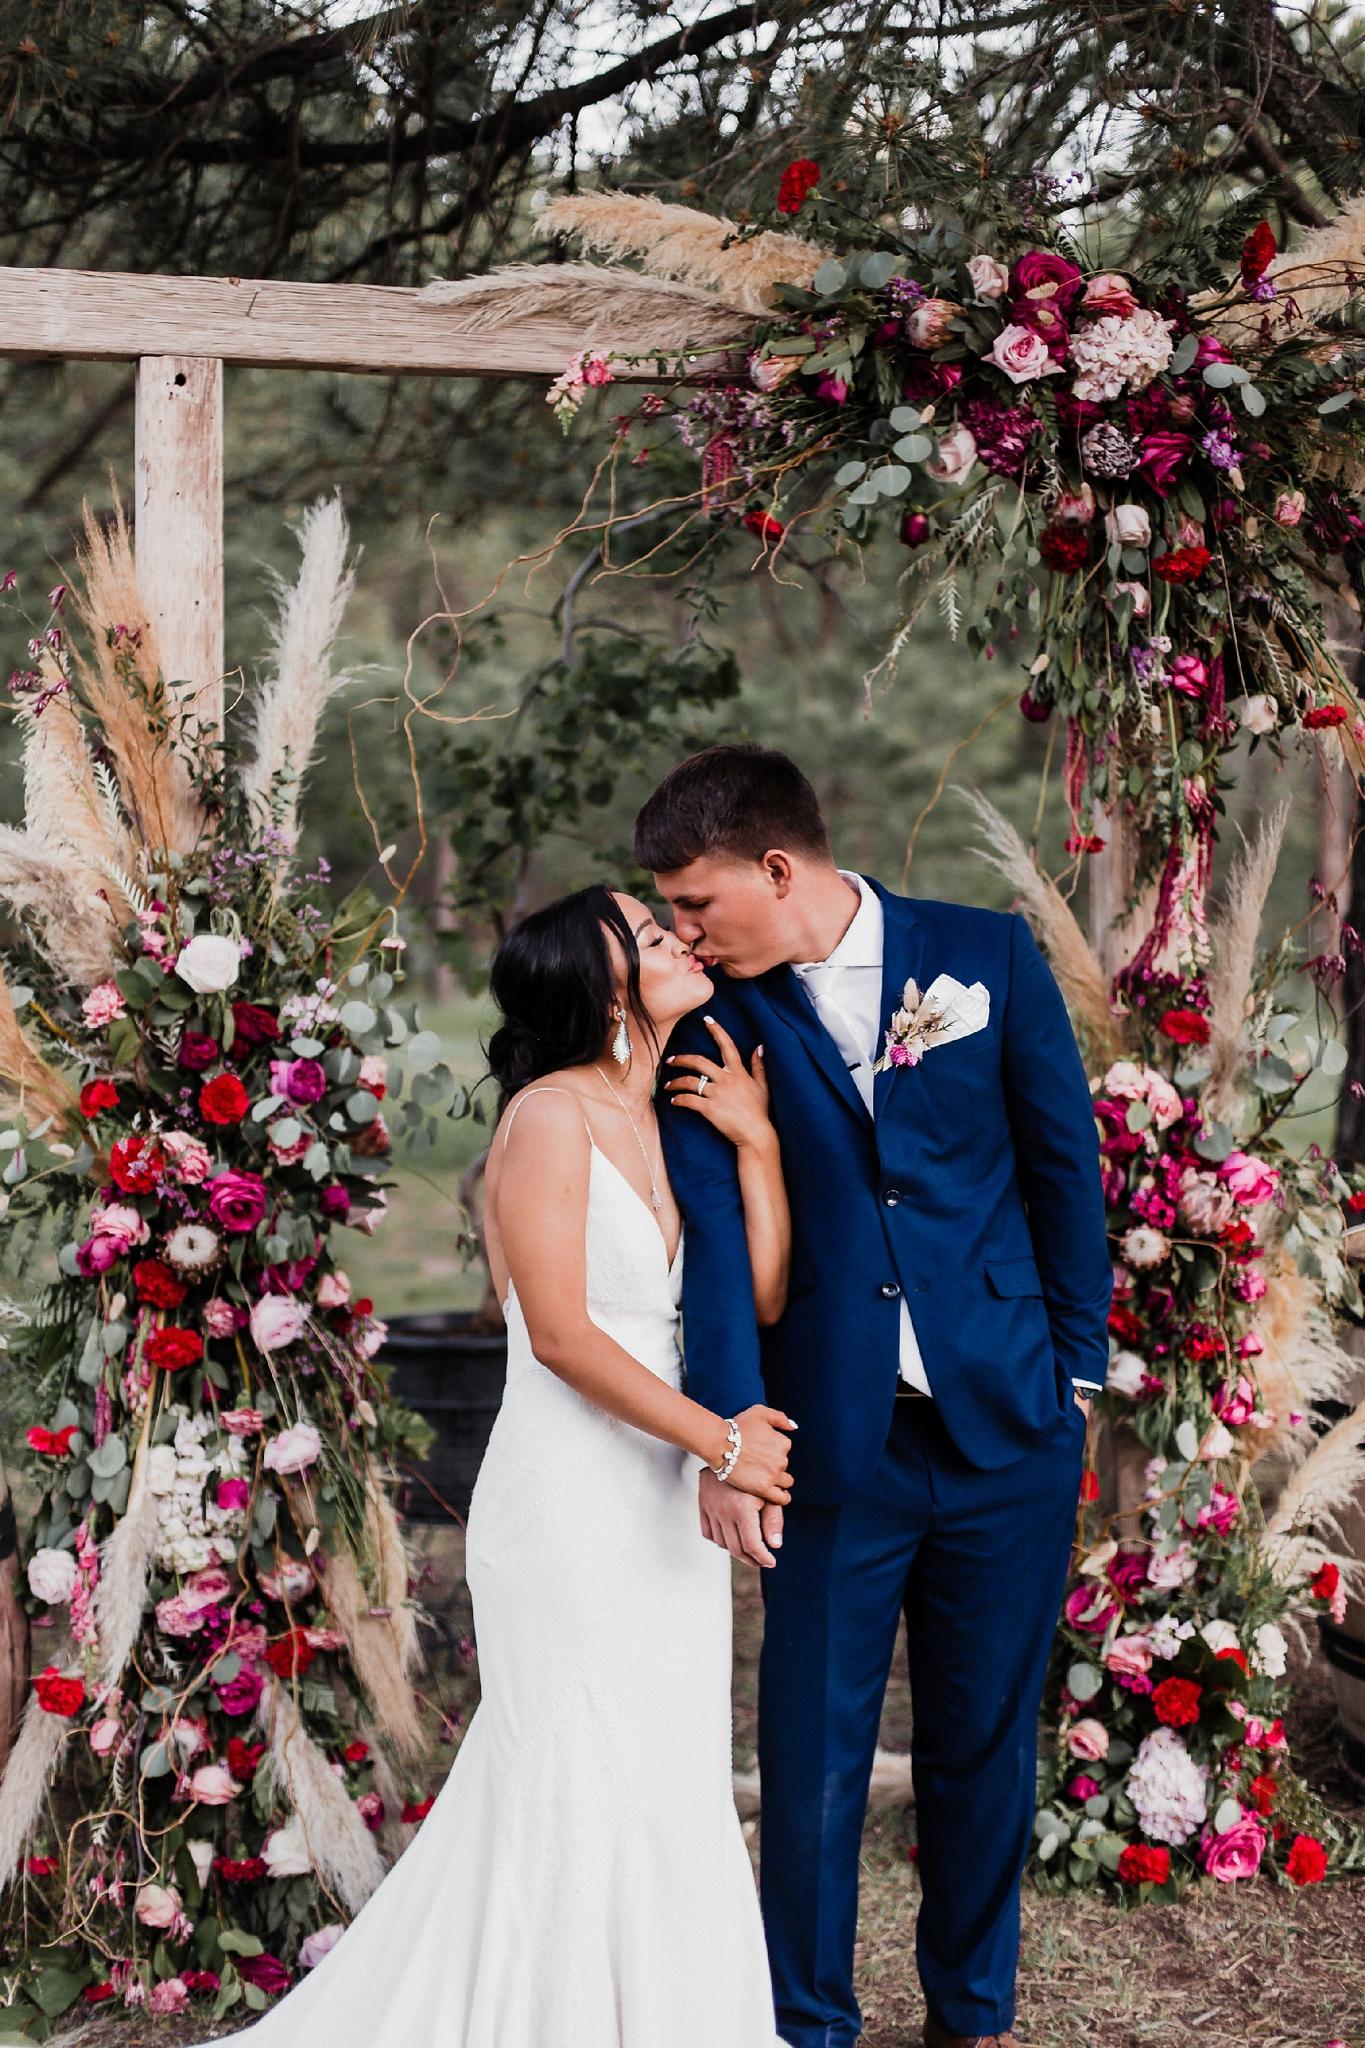 Alicia+lucia+photography+-+albuquerque+wedding+photographer+-+santa+fe+wedding+photography+-+new+mexico+wedding+photographer+-+new+mexico+wedding+-+summer+wedding+-+summer+wedding+florals+-+southwest+wedding_0001.jpg